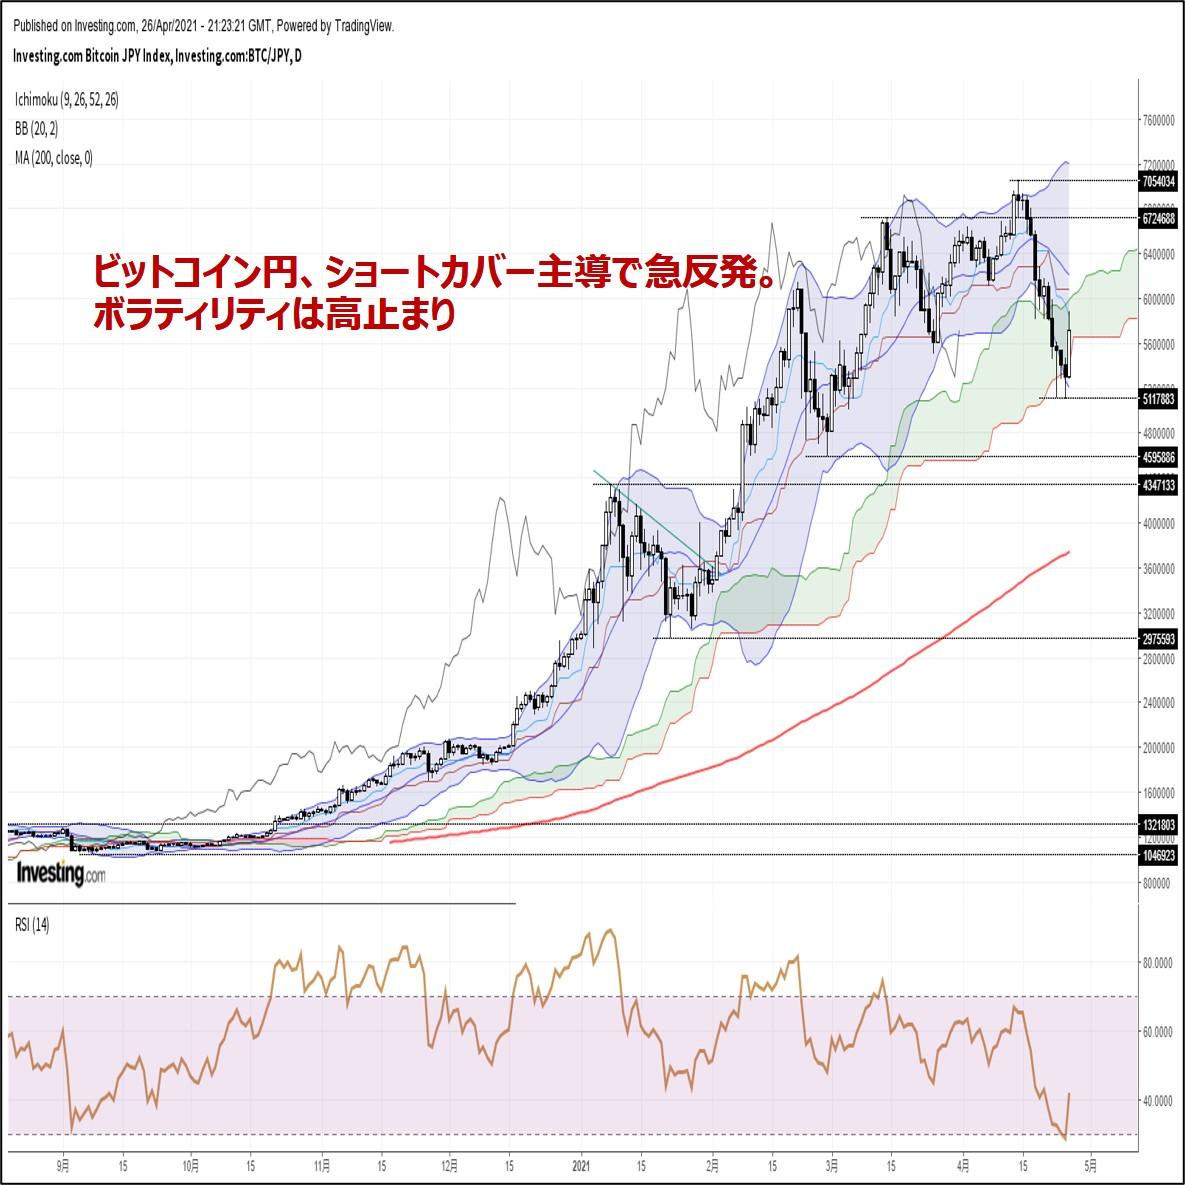 ビットコイン円、ショートカバー主導で急反発。ボラティリティは高止まり